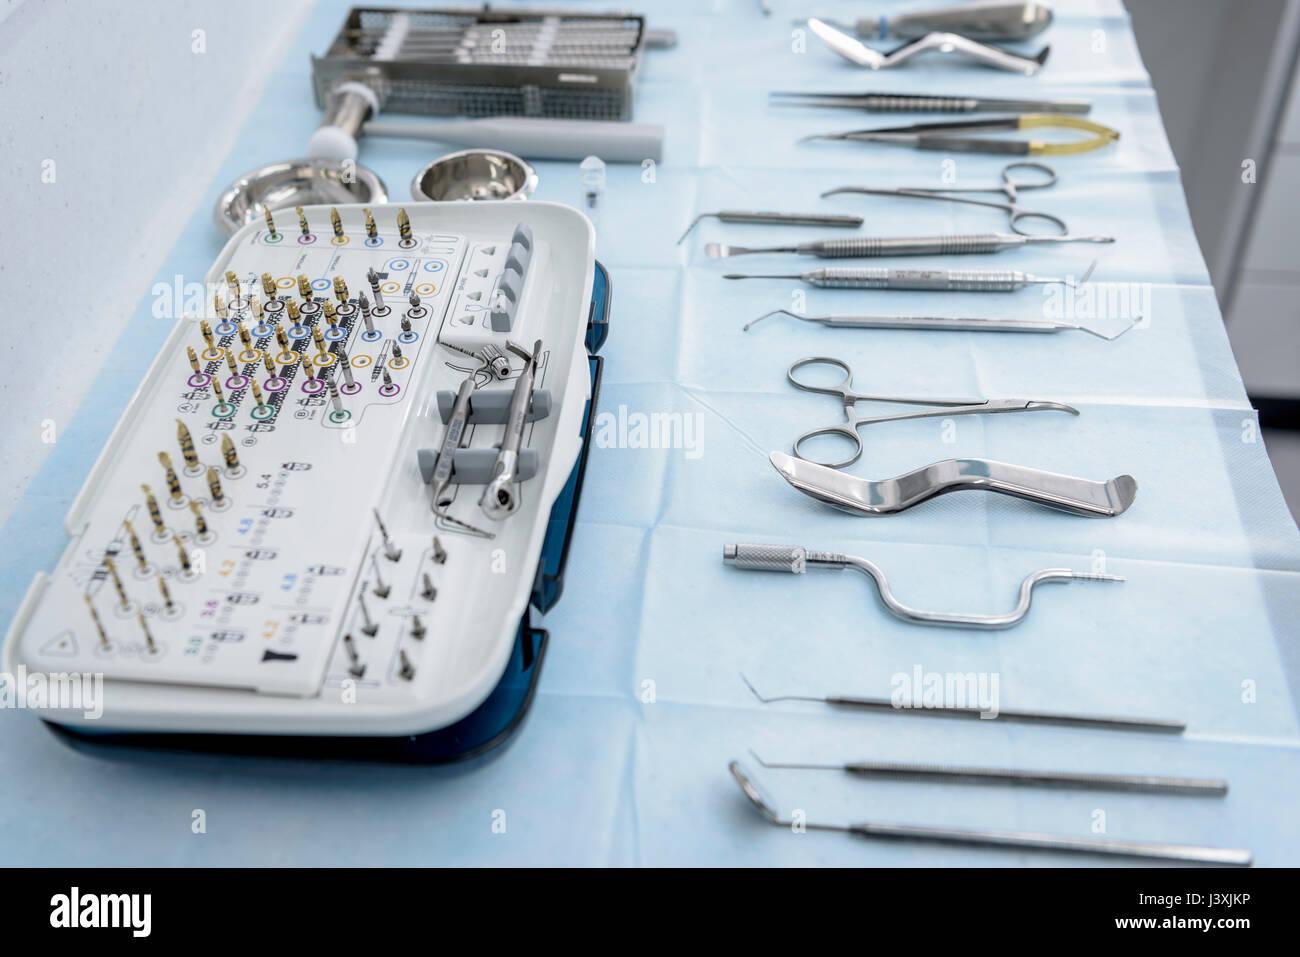 Sélection d'outils de dentiste en chirurgie dentaire Photo Stock